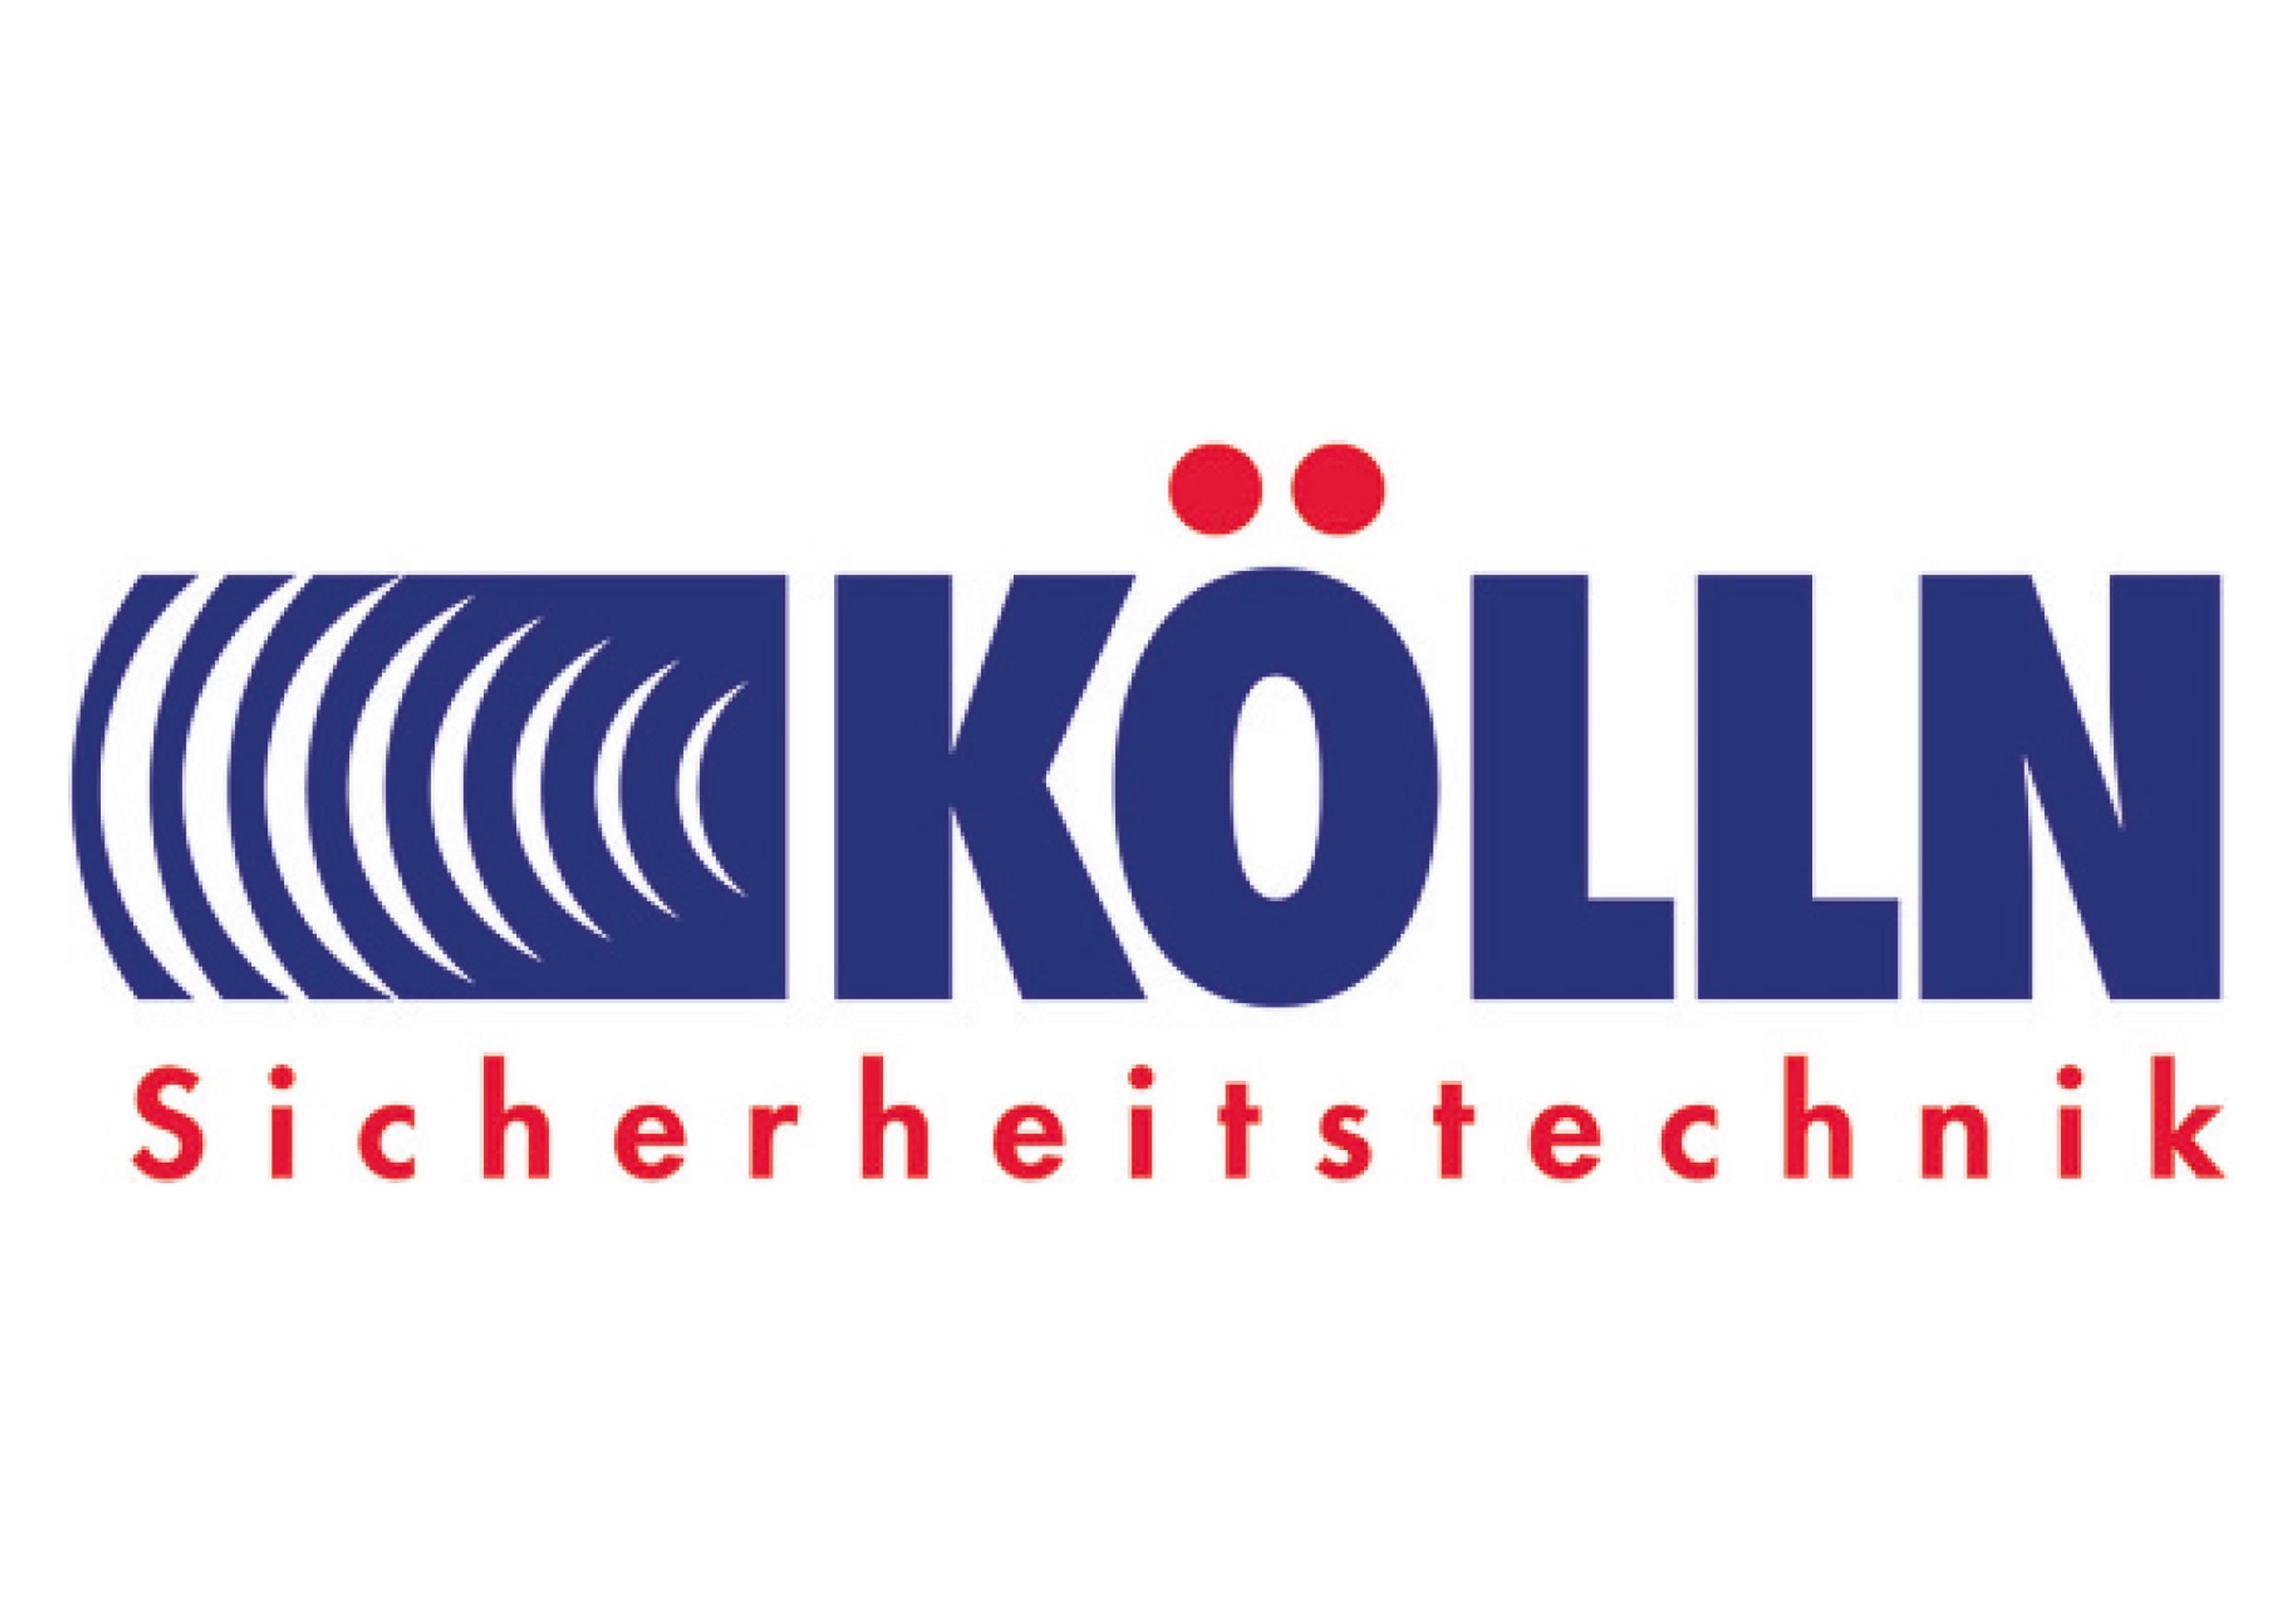 bzb_web_koelln_logo_2500x1768.jpg